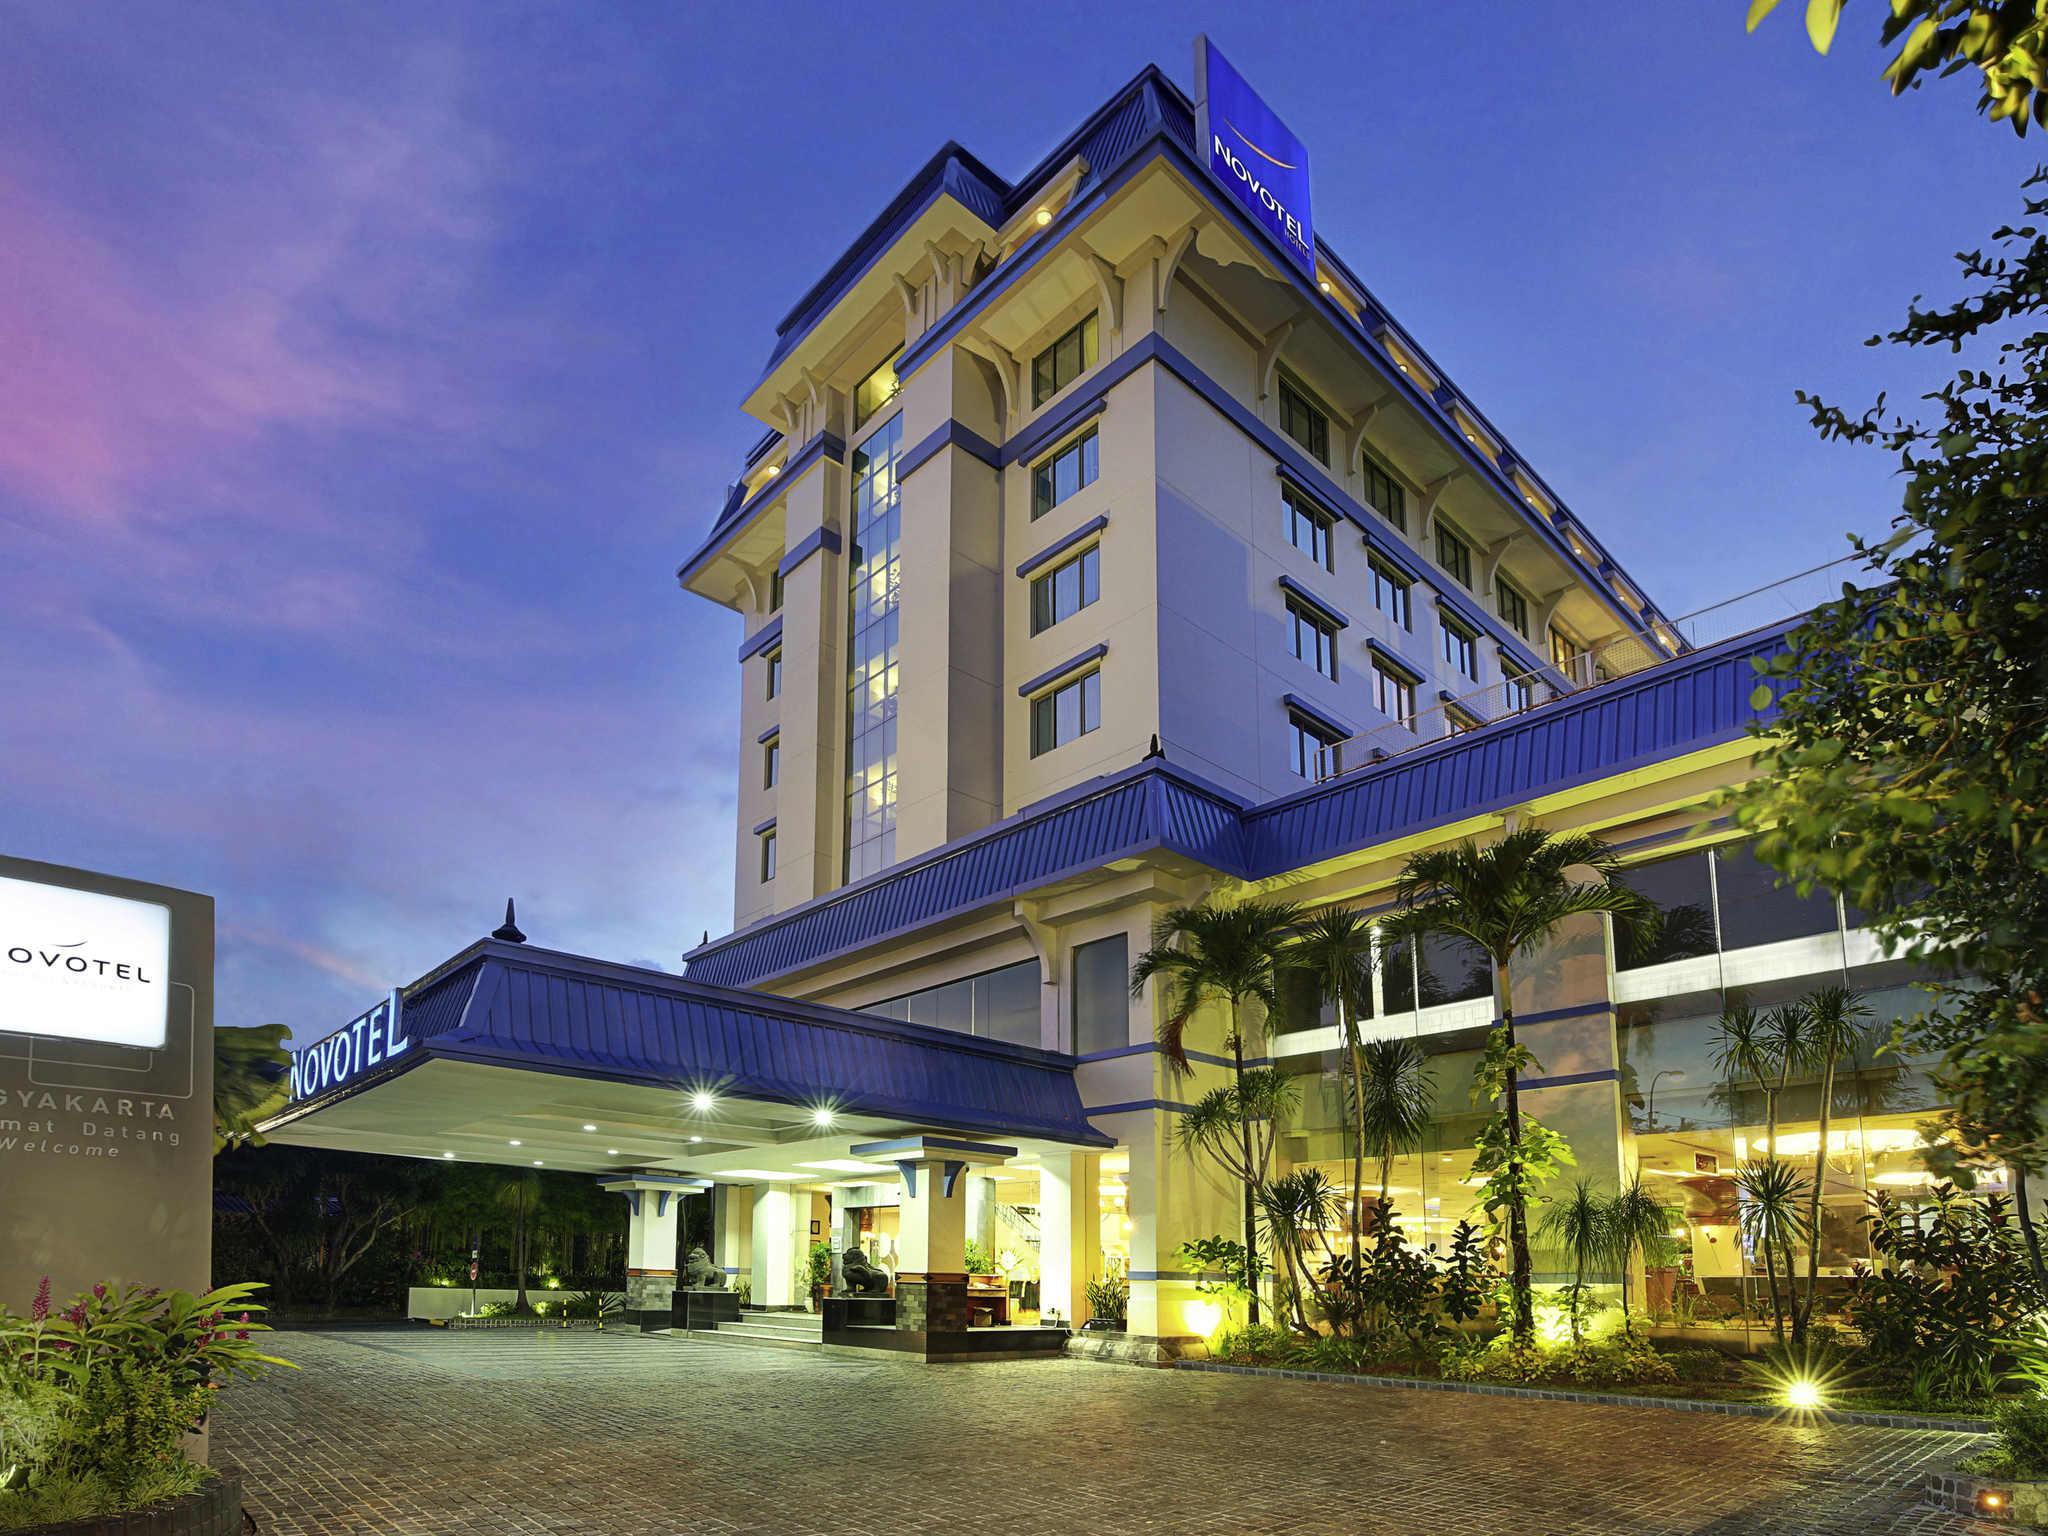 Hotell – Novotel Yogyakarta